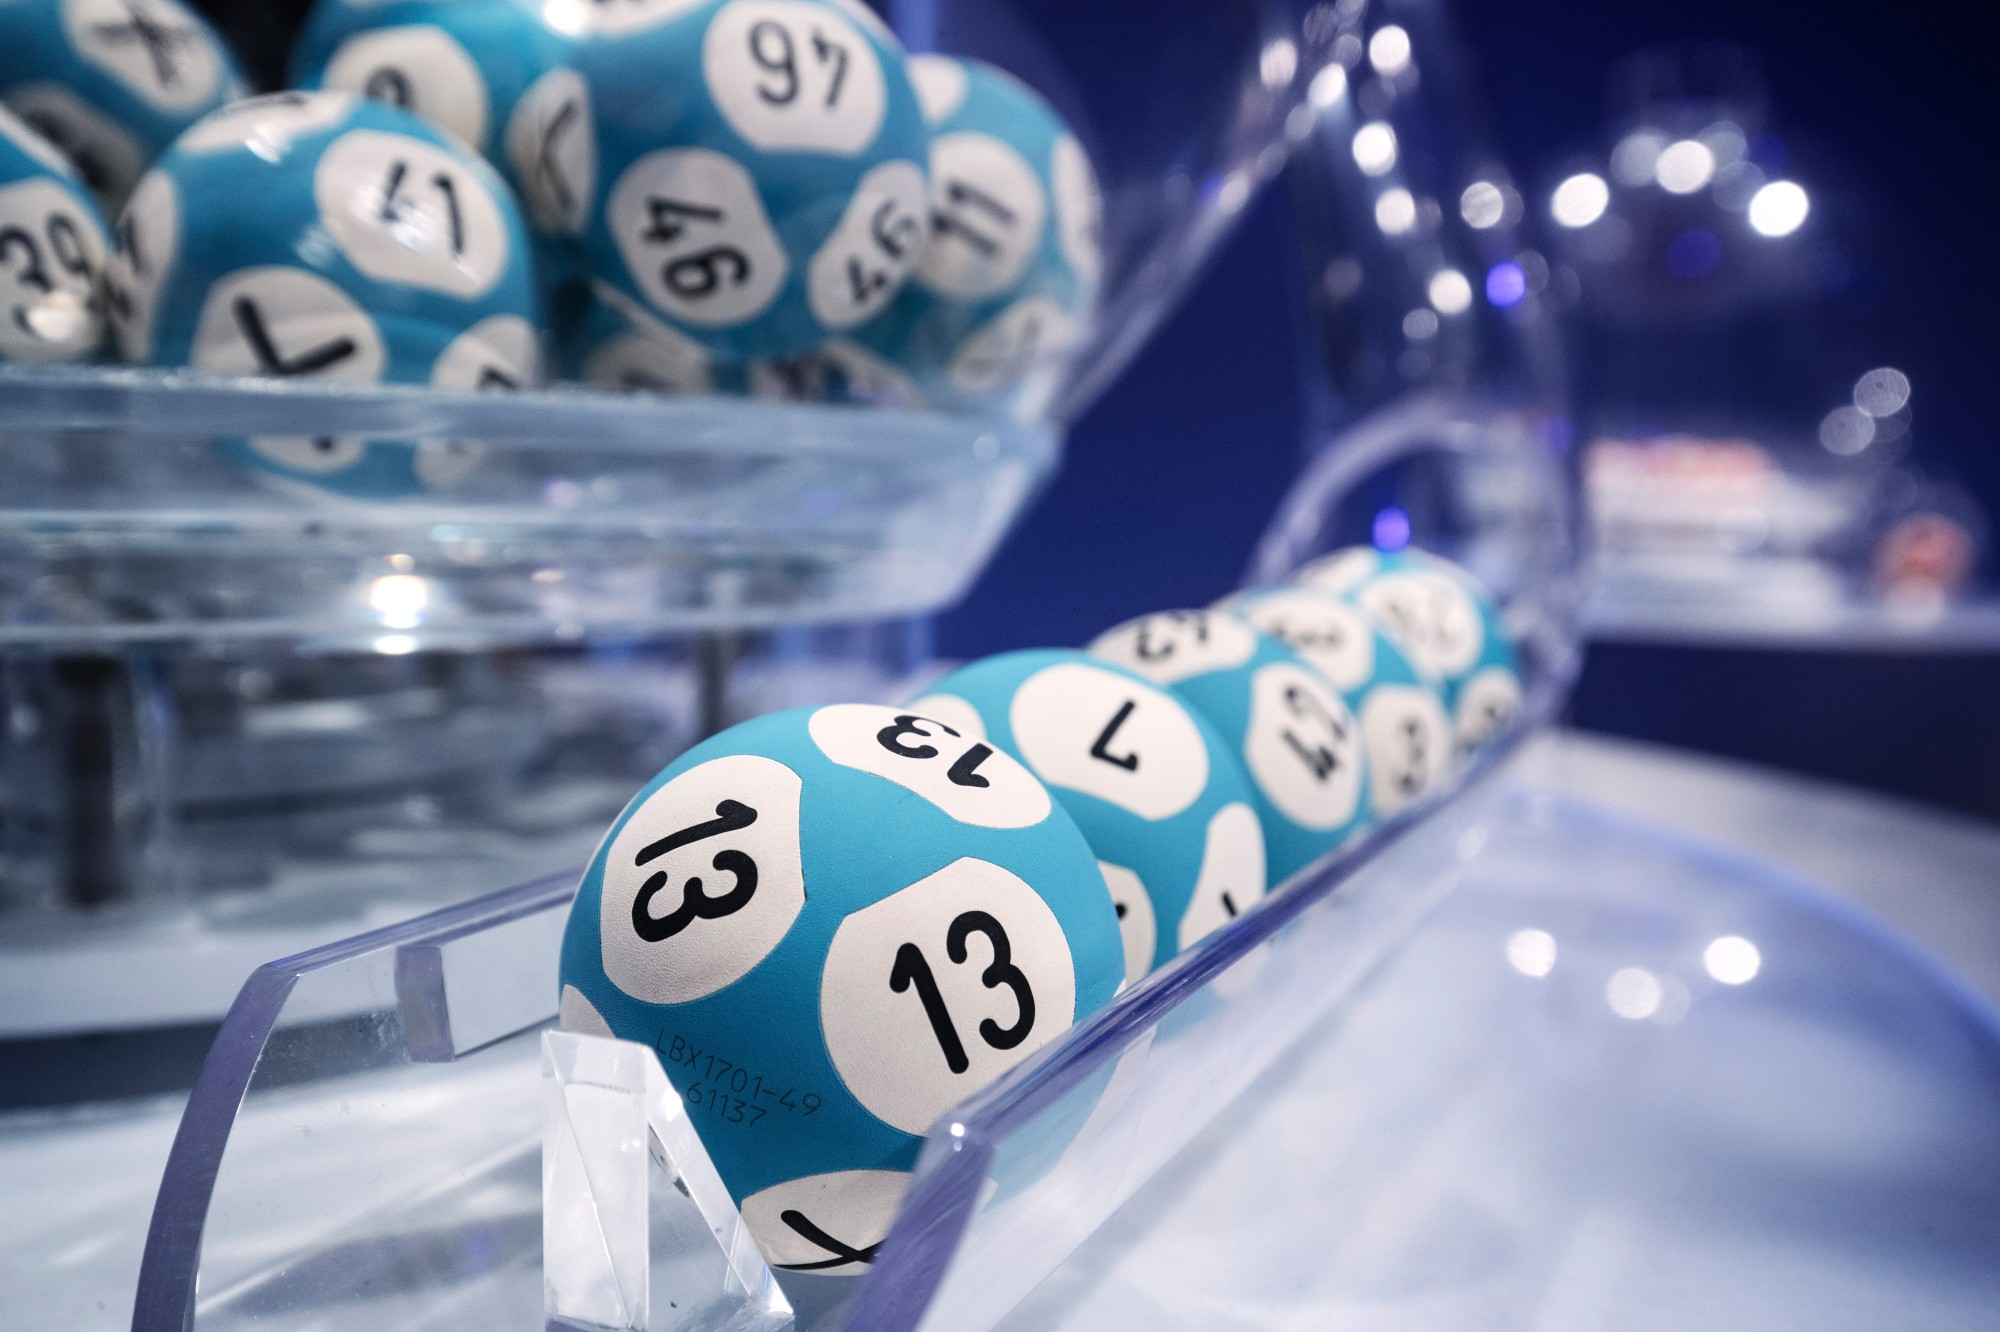 France loto | check results, jackpot, stats & odds